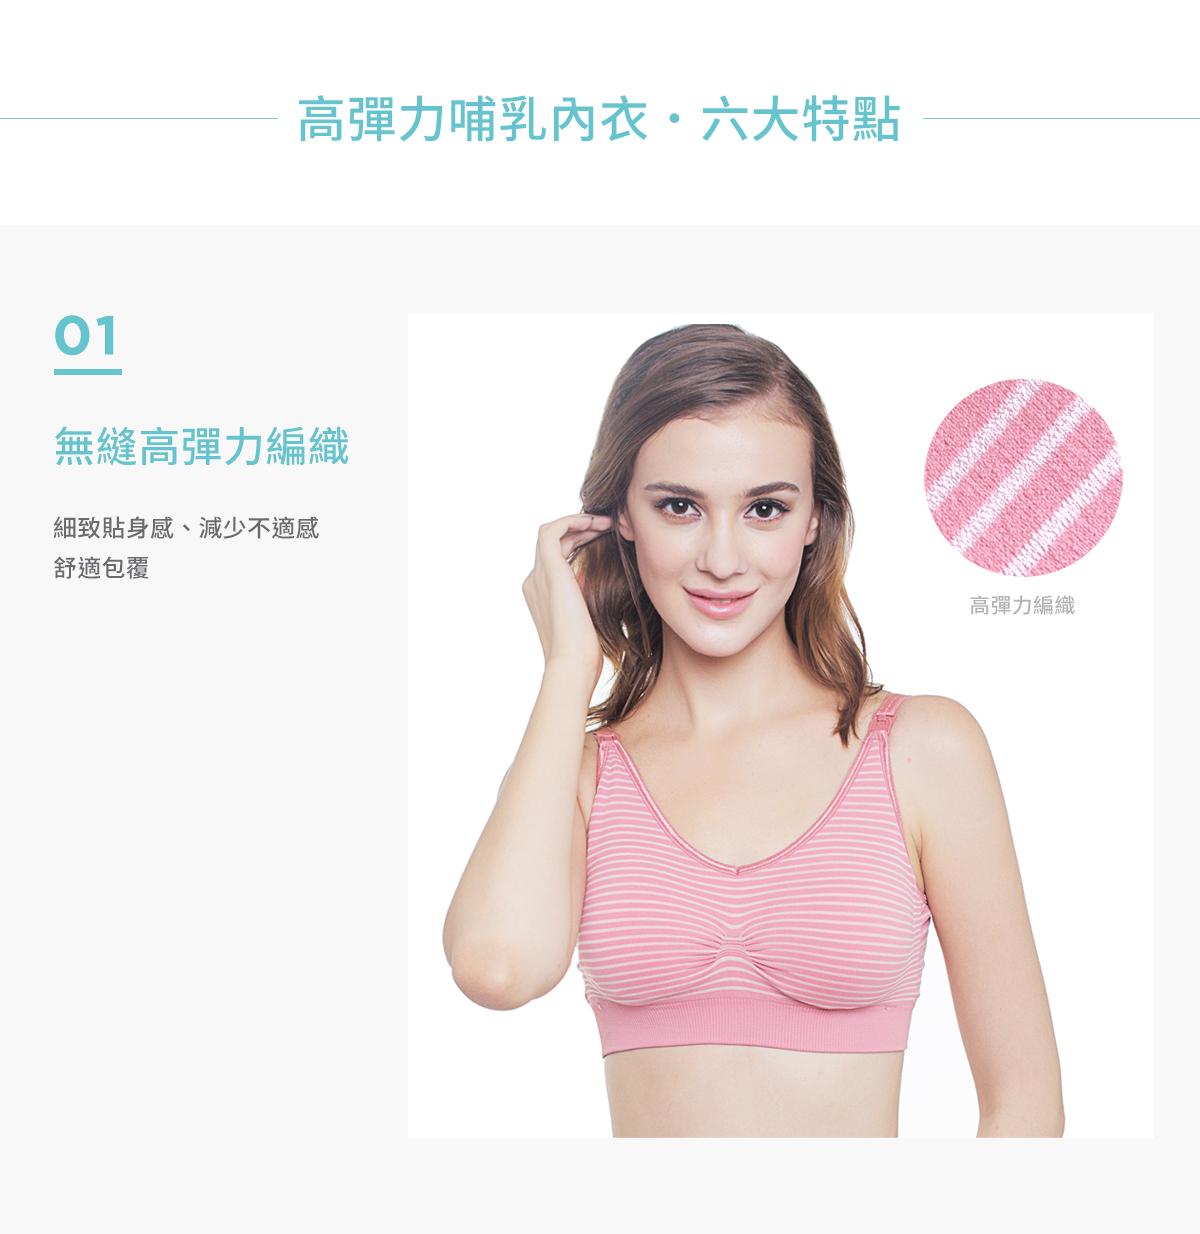 孕哺乳期, 高彈力, 哺乳內衣, 特點, 舒適內衣, 胸部變化, 高彈力無痕孕哺乳胸罩, 無縫高彈力編織